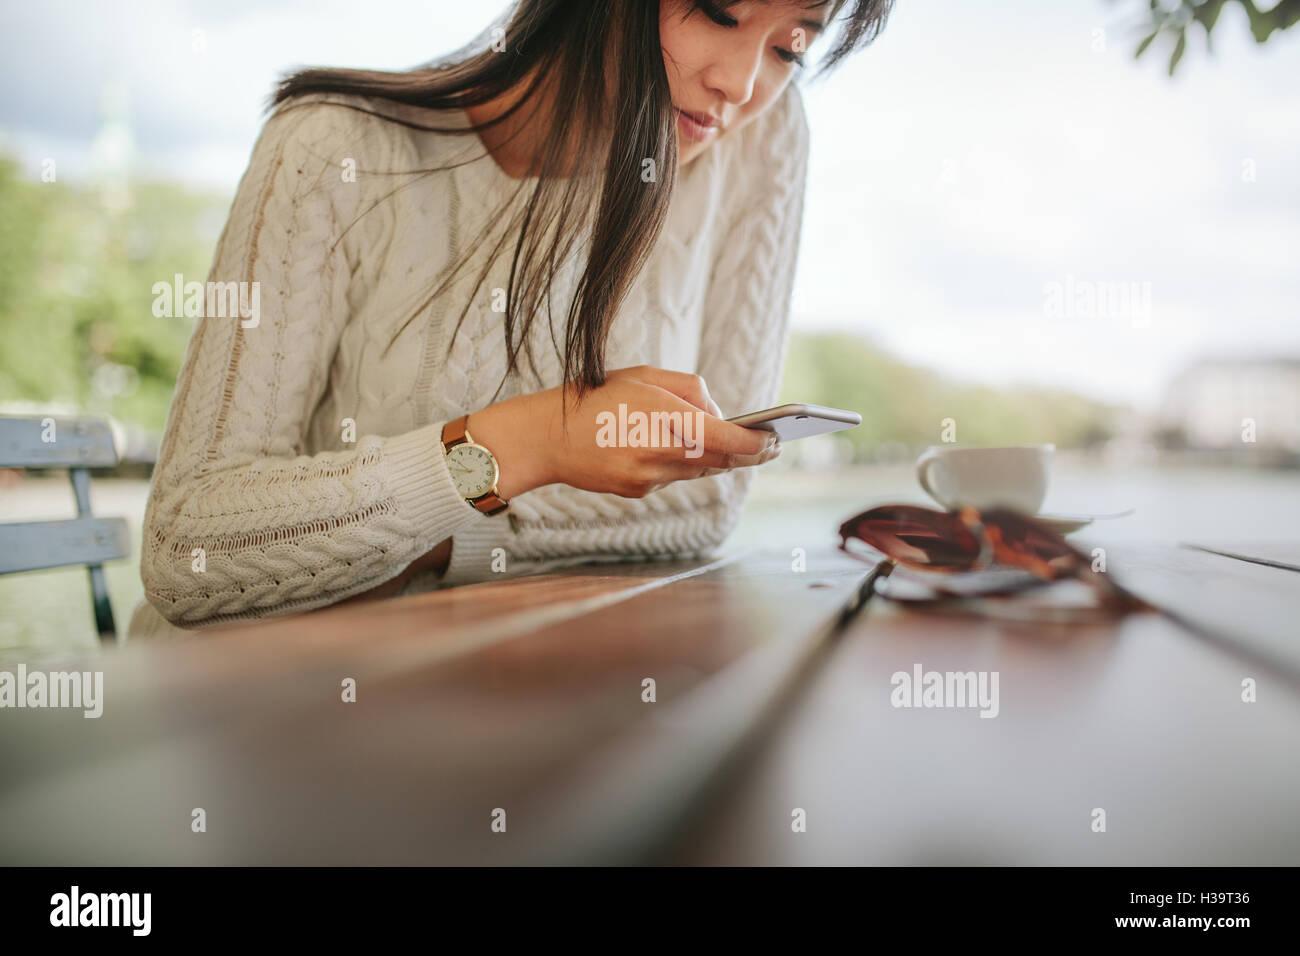 Frau Textmitteilung auf smart Phone in einem Café zu schreiben. Foto von junge Frau sitzt an einem Tisch mit Stockbild